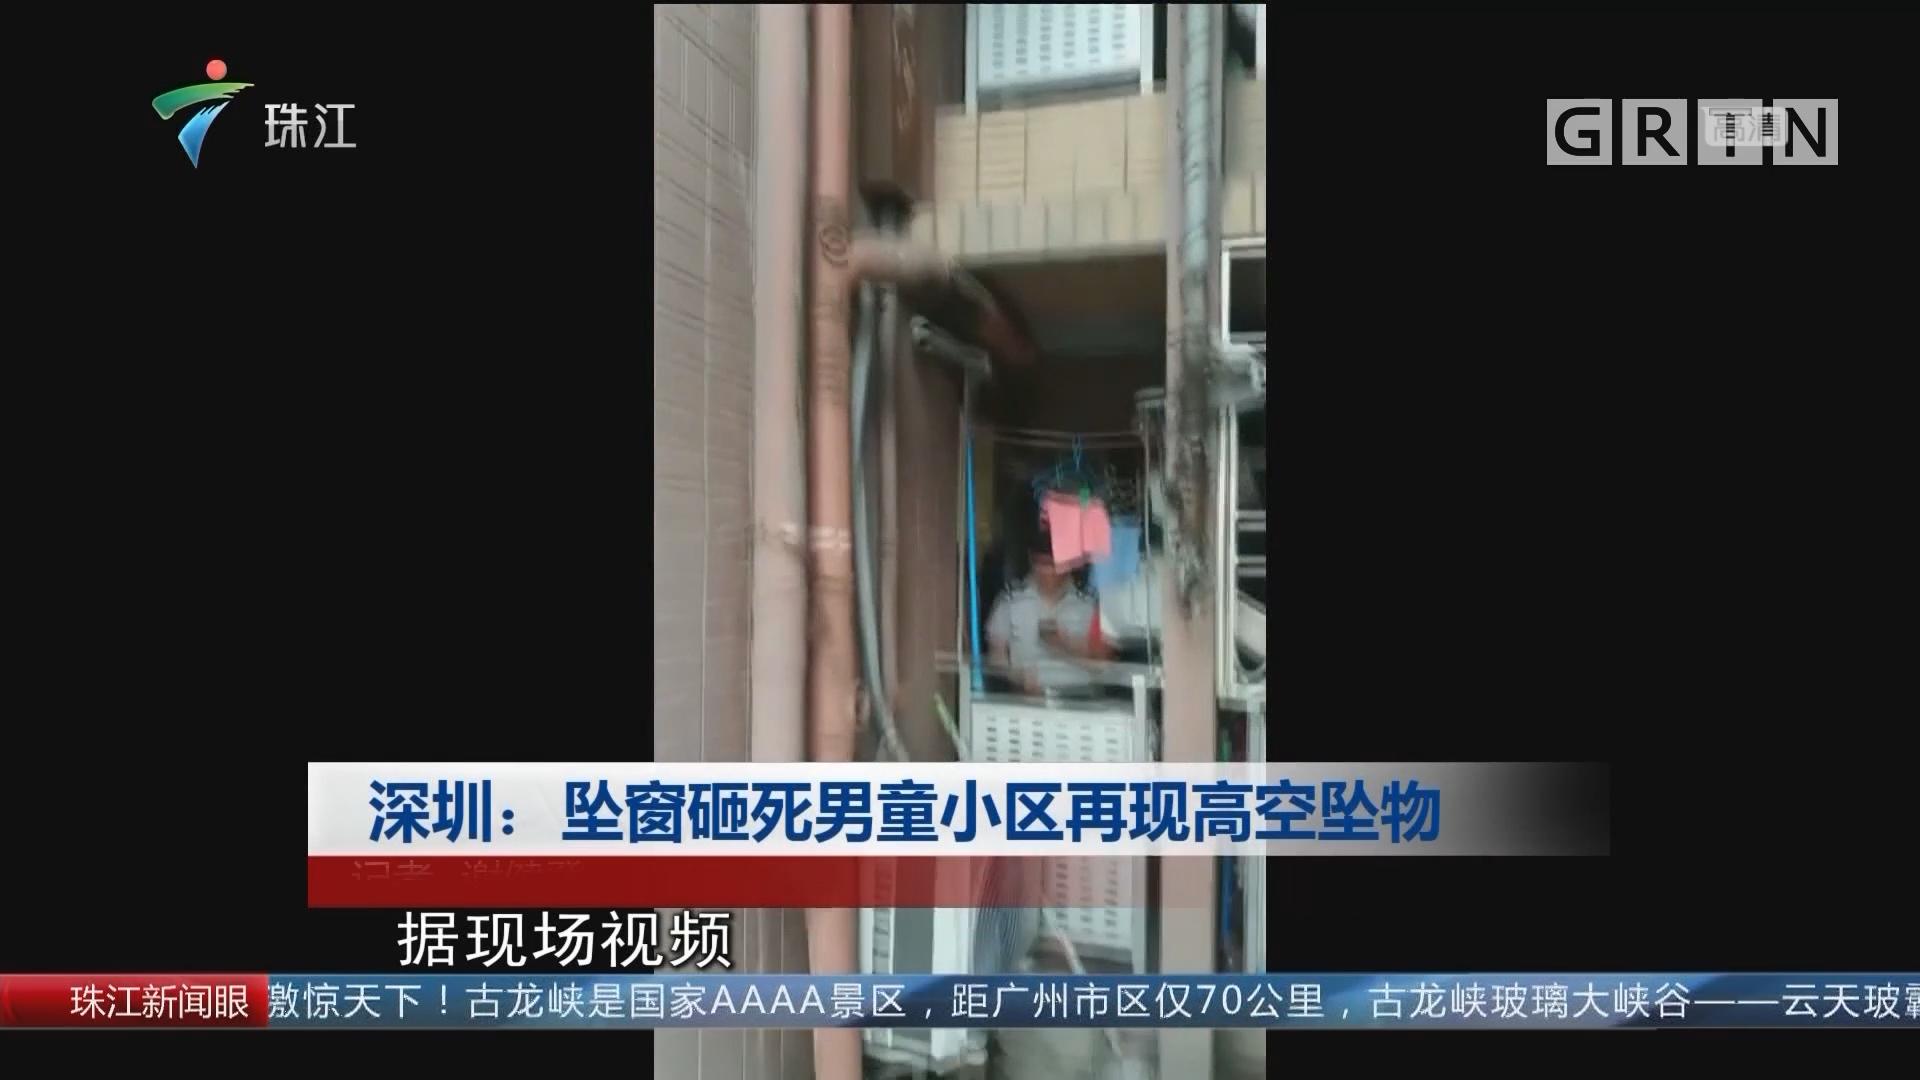 深圳:坠窗砸死男童小区再现高空坠物